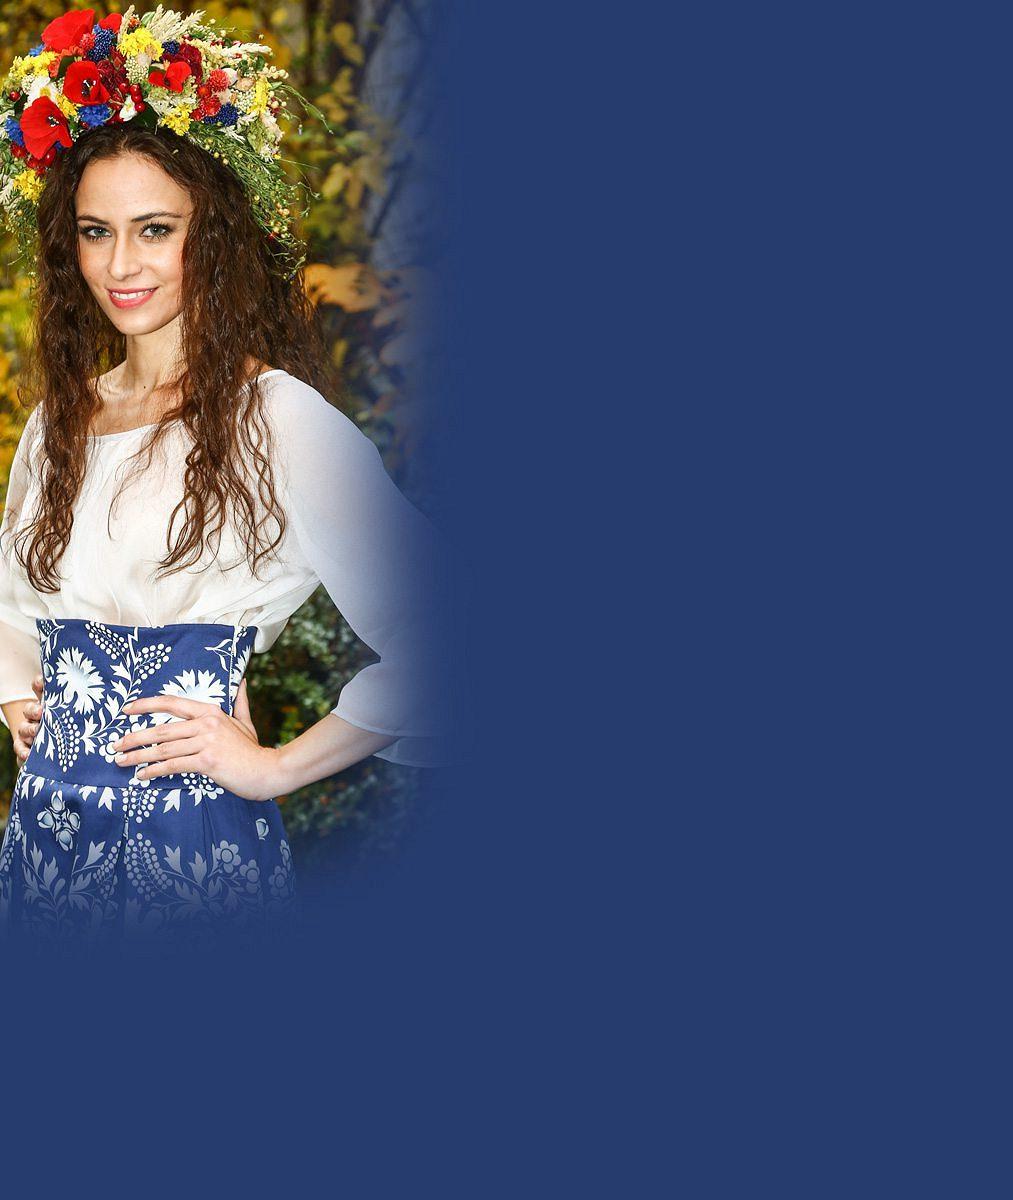 Rozkošná Česká Miss jako bohyně plodnosti: Souhlasíte, že pod průhledný top nepatří prádlo?